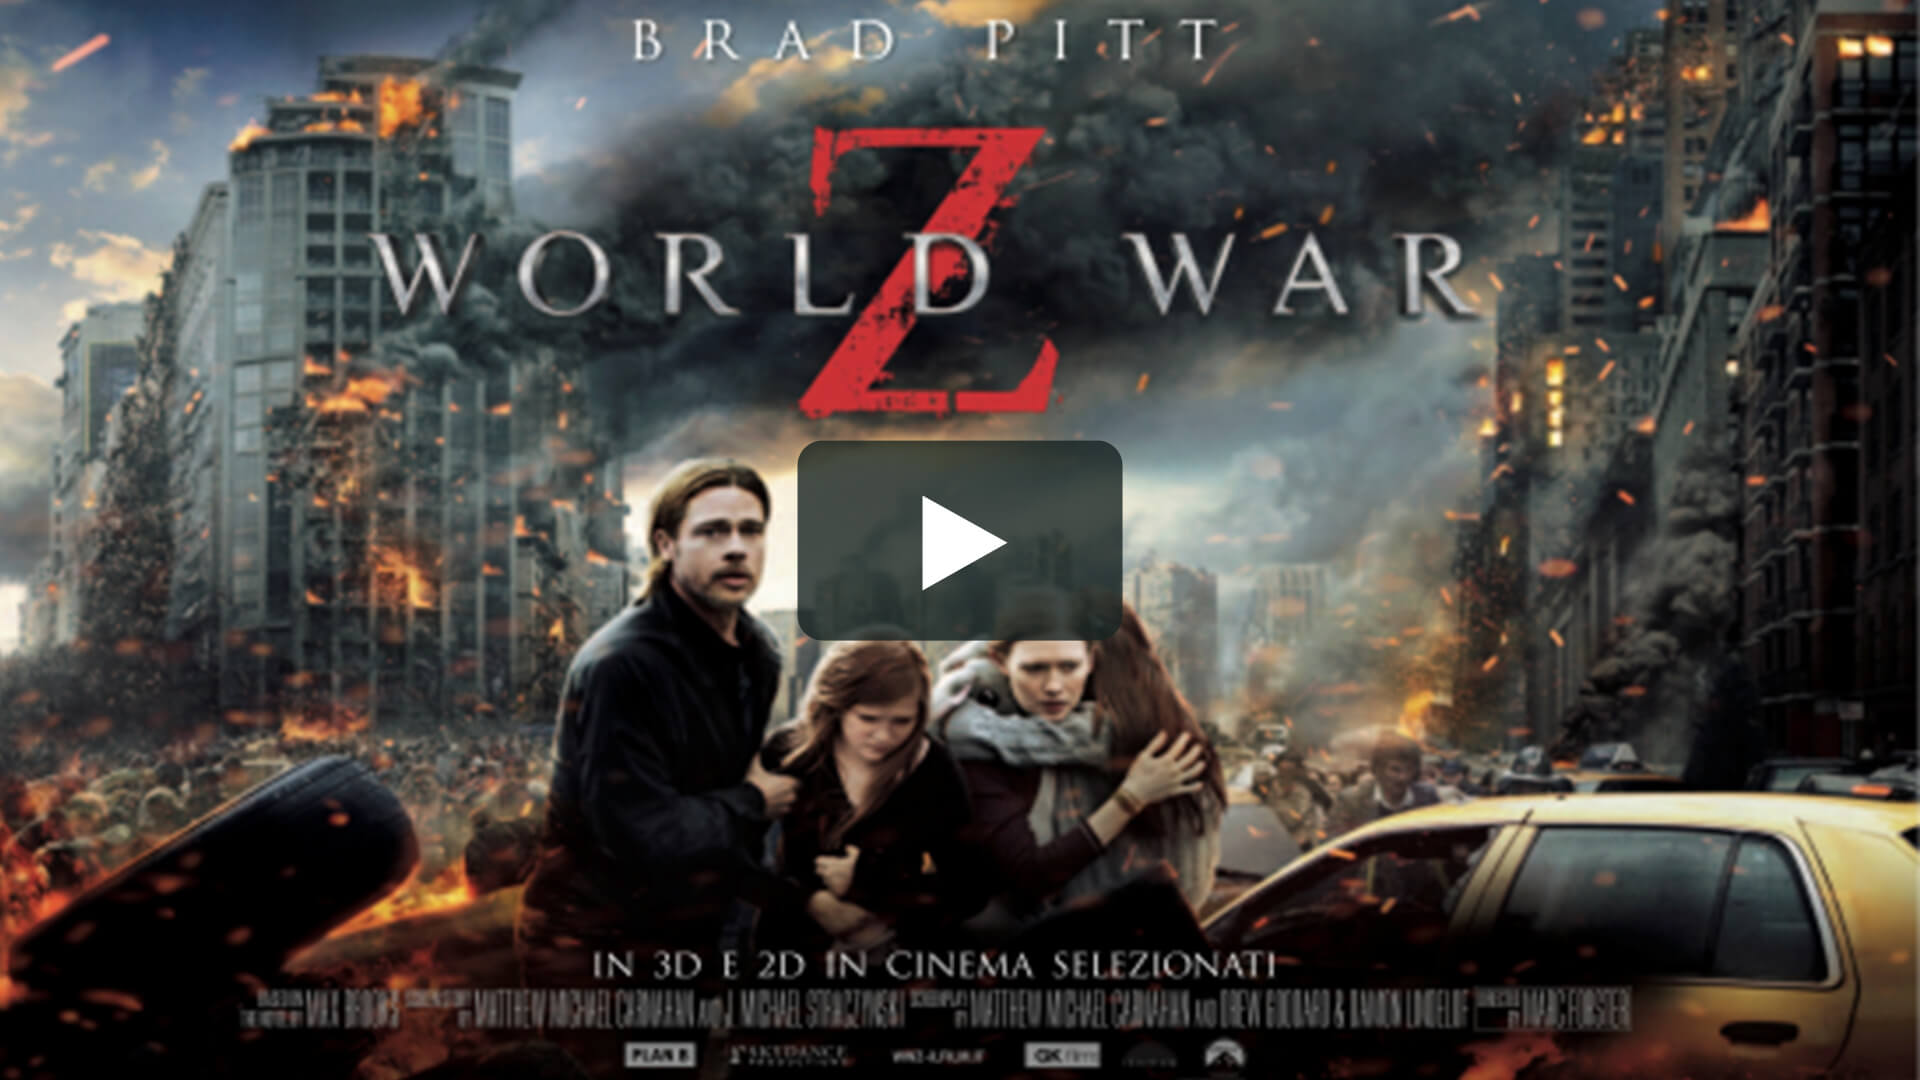 殭屍世界大戰 - World War Z